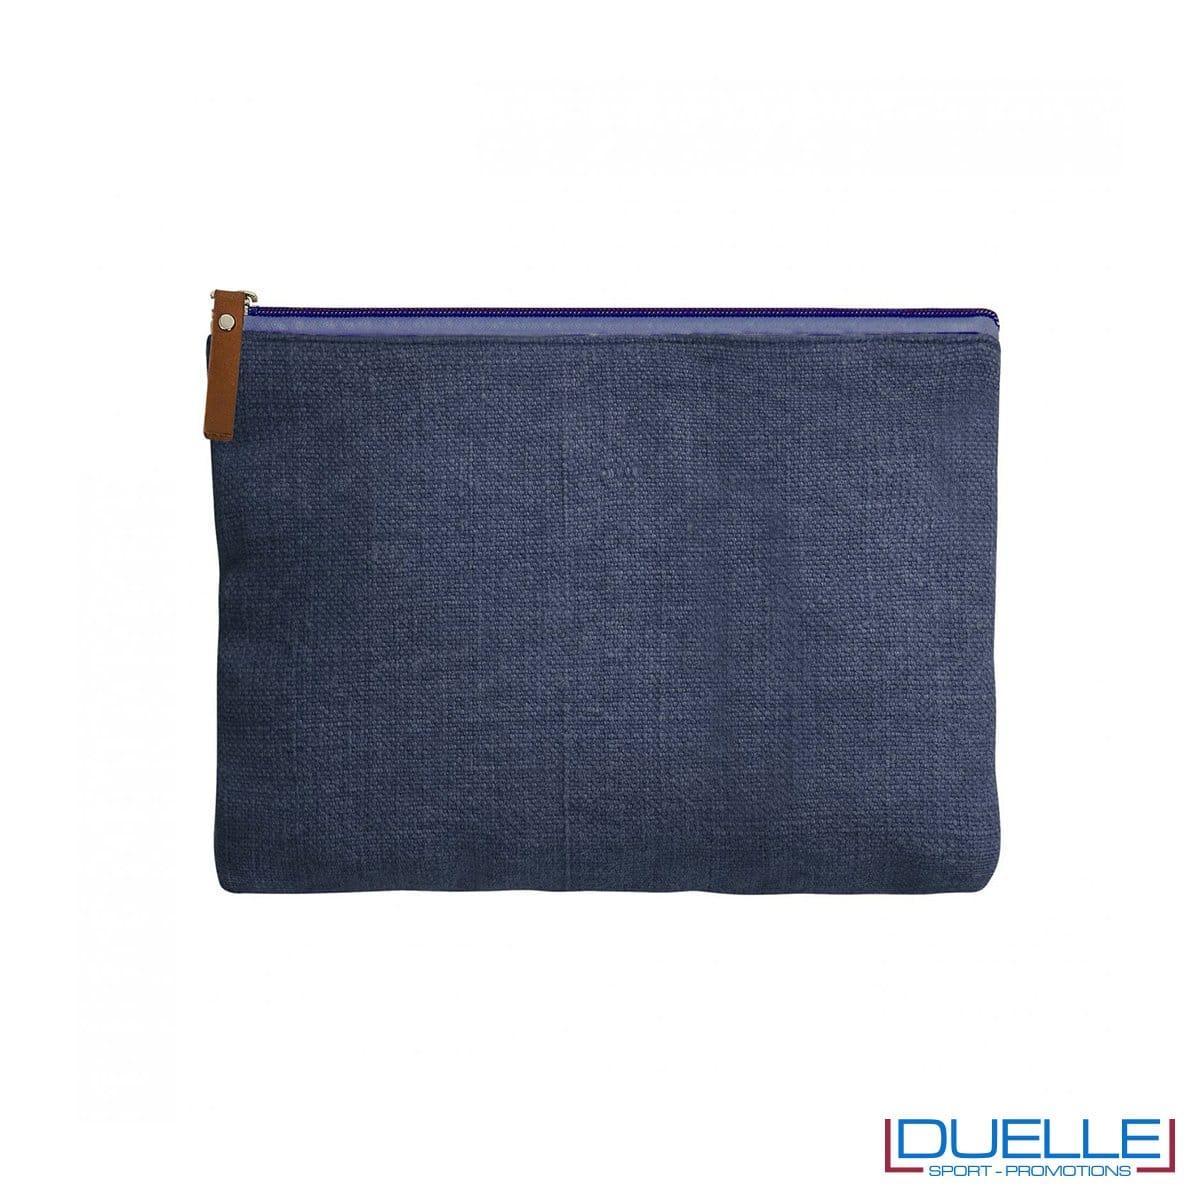 Trousse da viaggio in iuta personalizzato colore blu